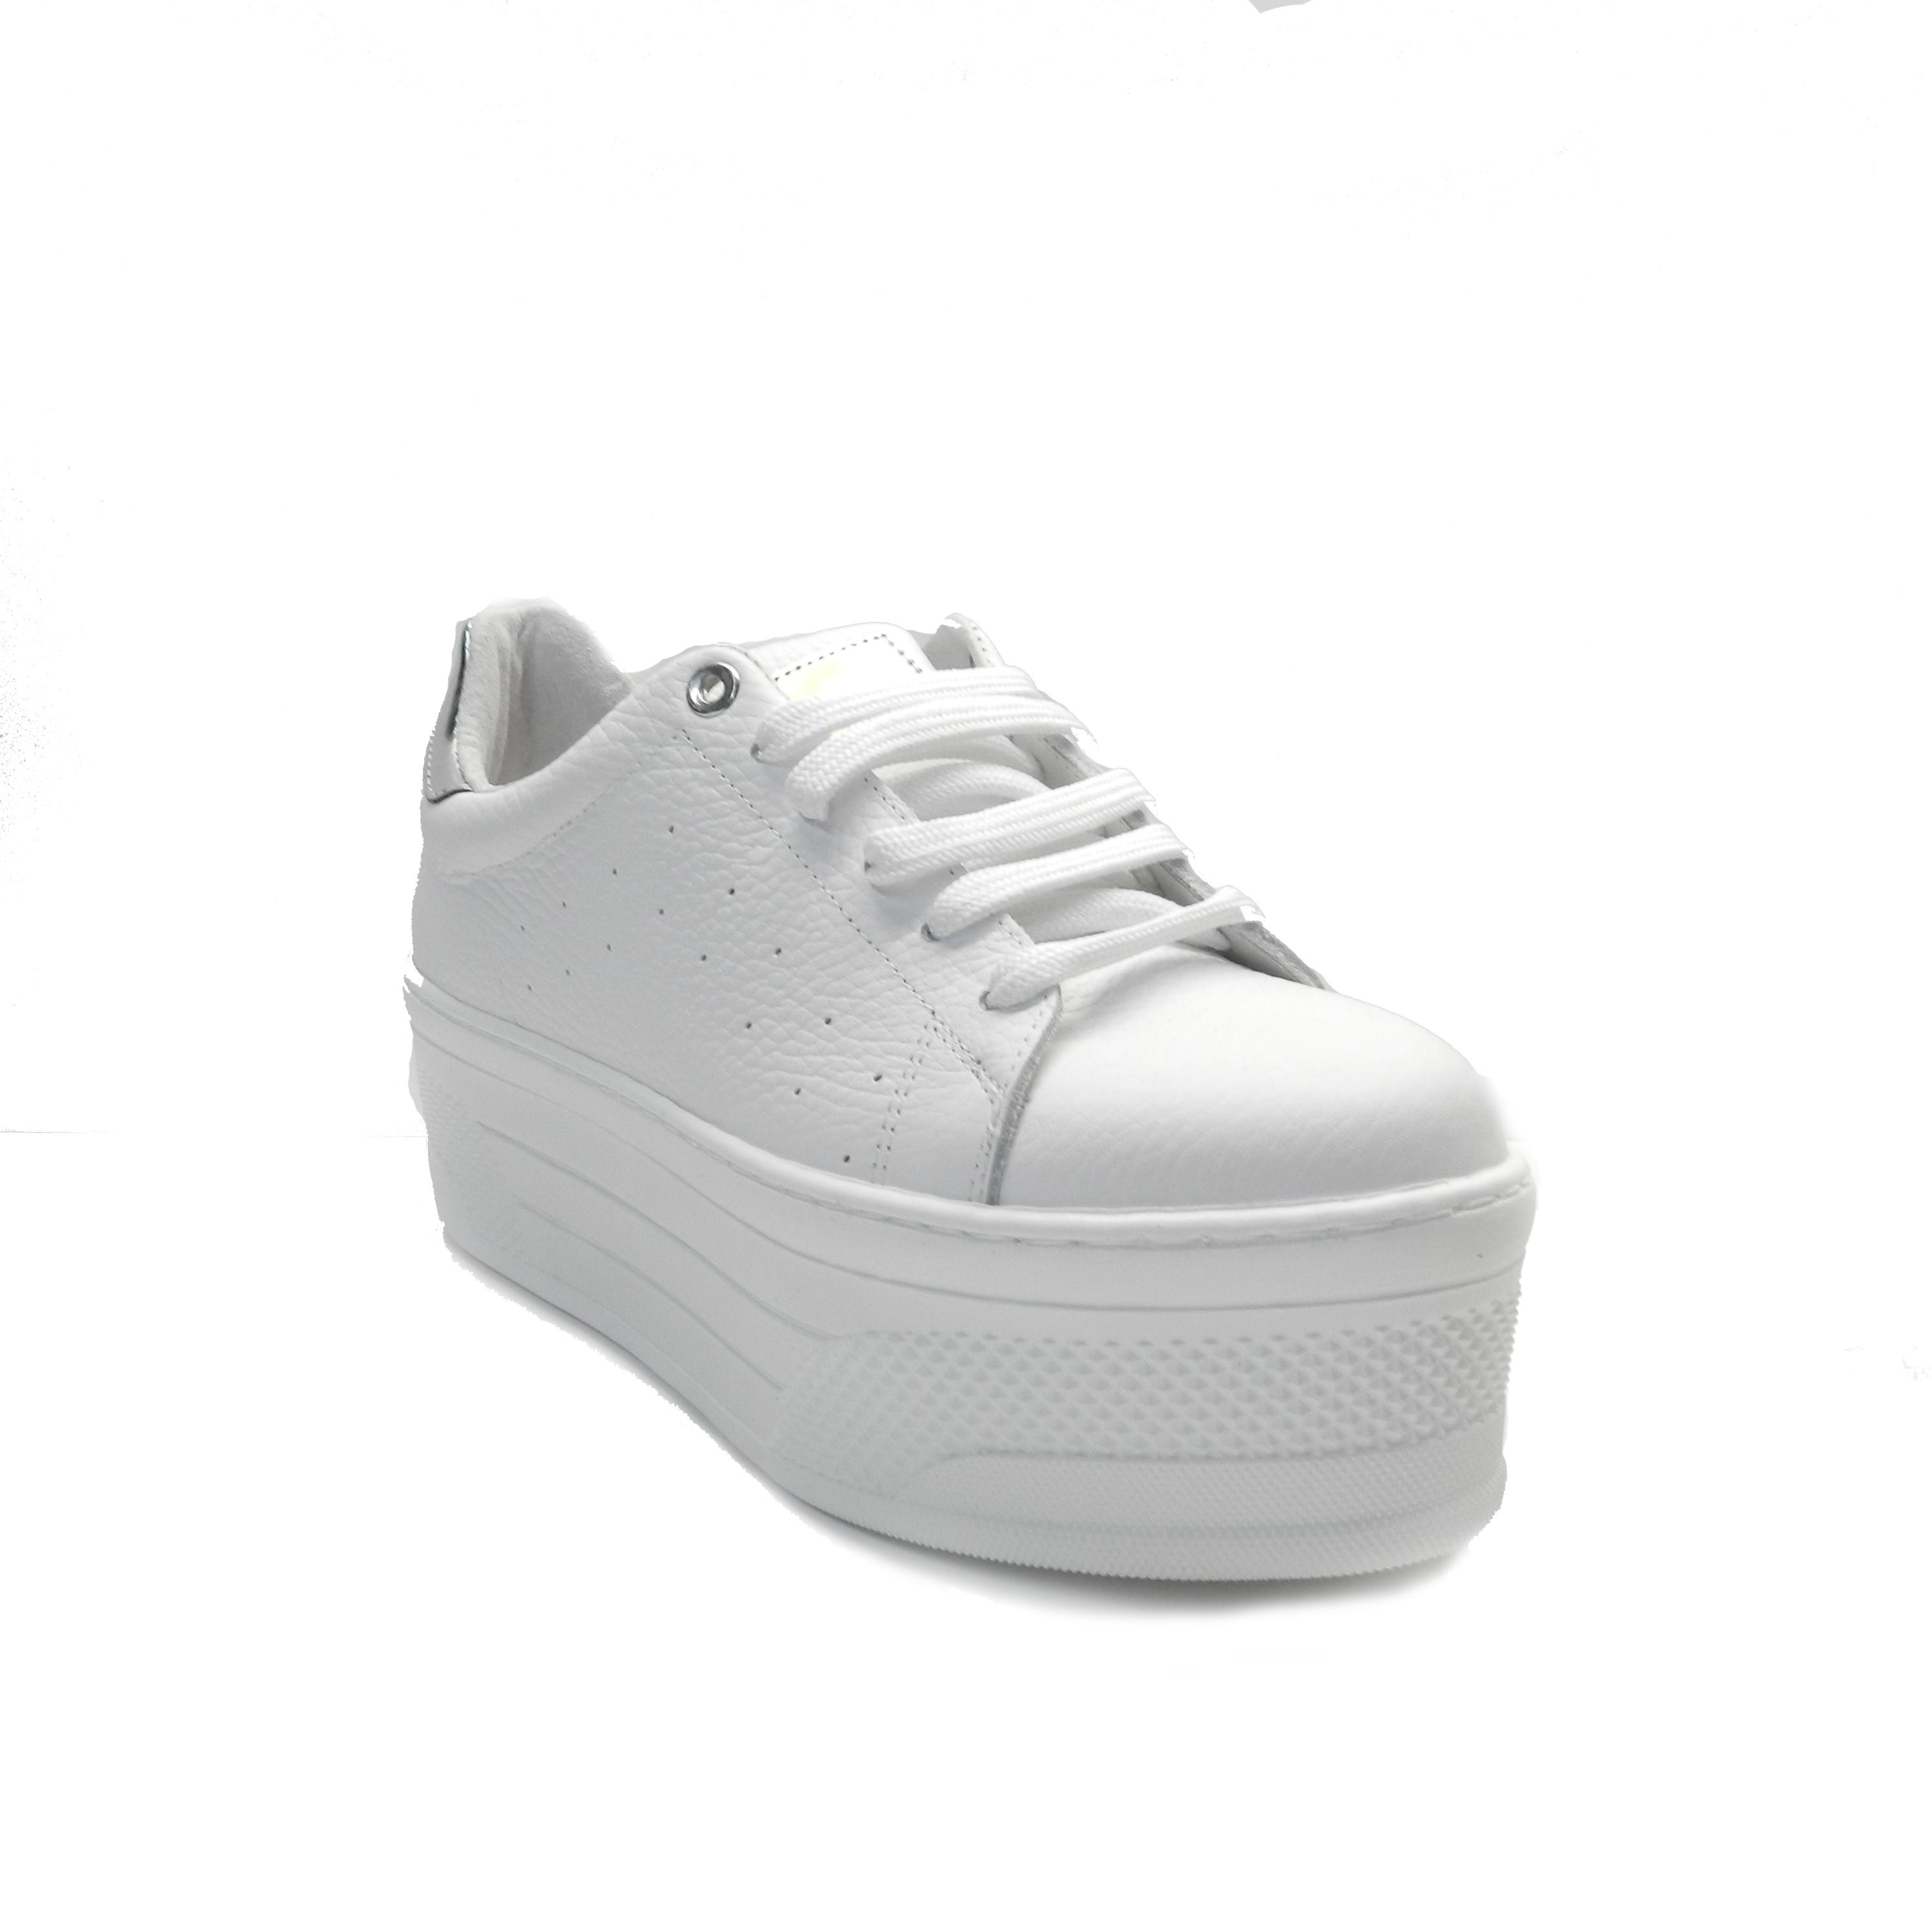 Sneakers de cordones en piel blanca y doble plataforma